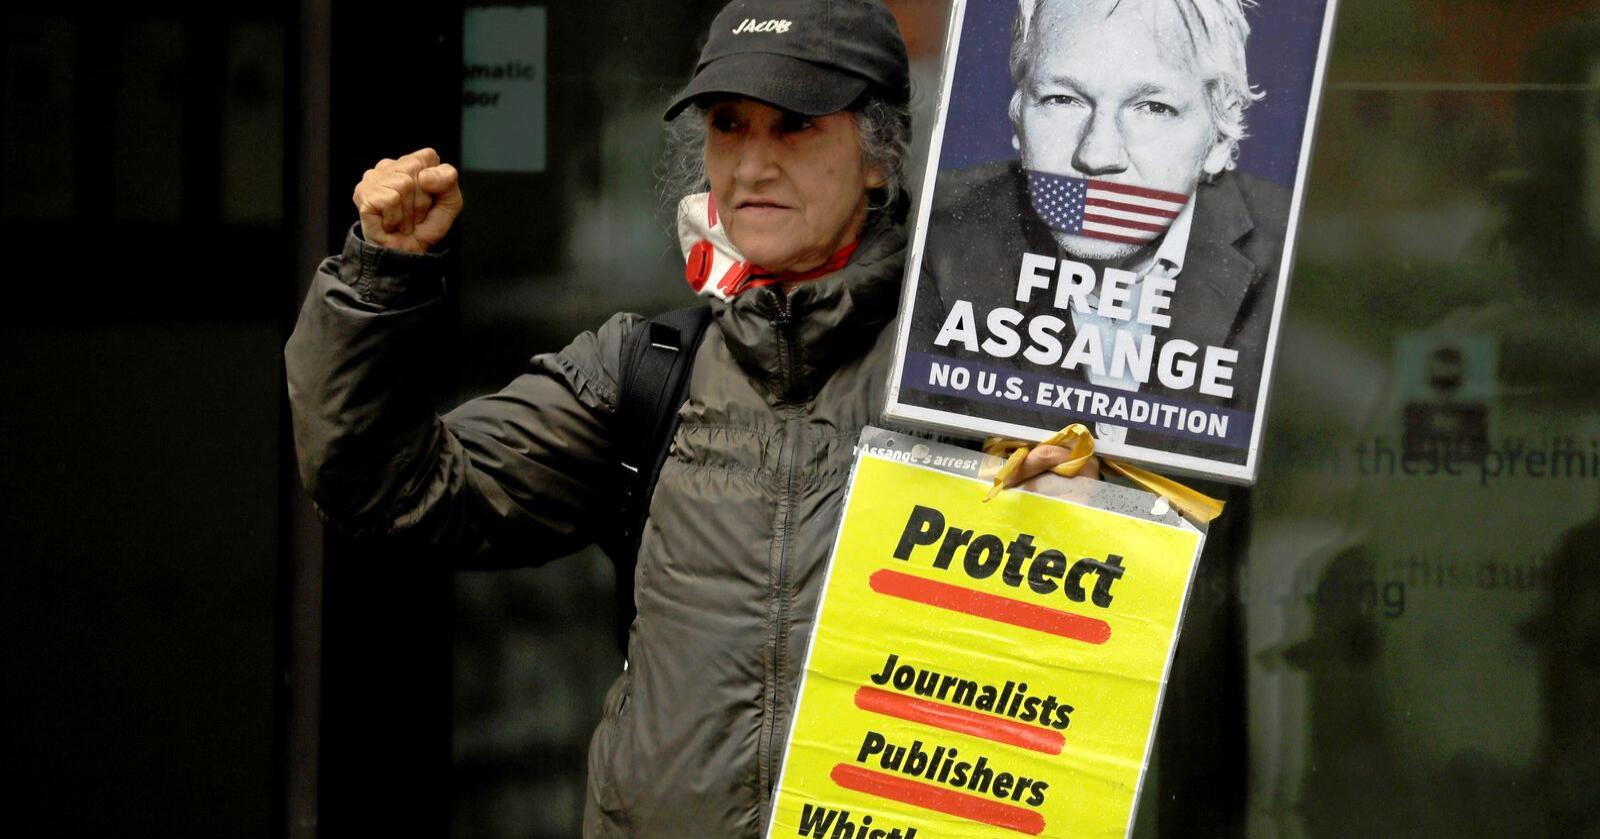 Julian Assange-tilhengere demonstrerte denne uka i London, hvor det ble holdt et rettsmøte i forbindelse med utleveringssaken mot  Assange. Foto: AP / Kirsty Wigglesworth / NTB scanpix